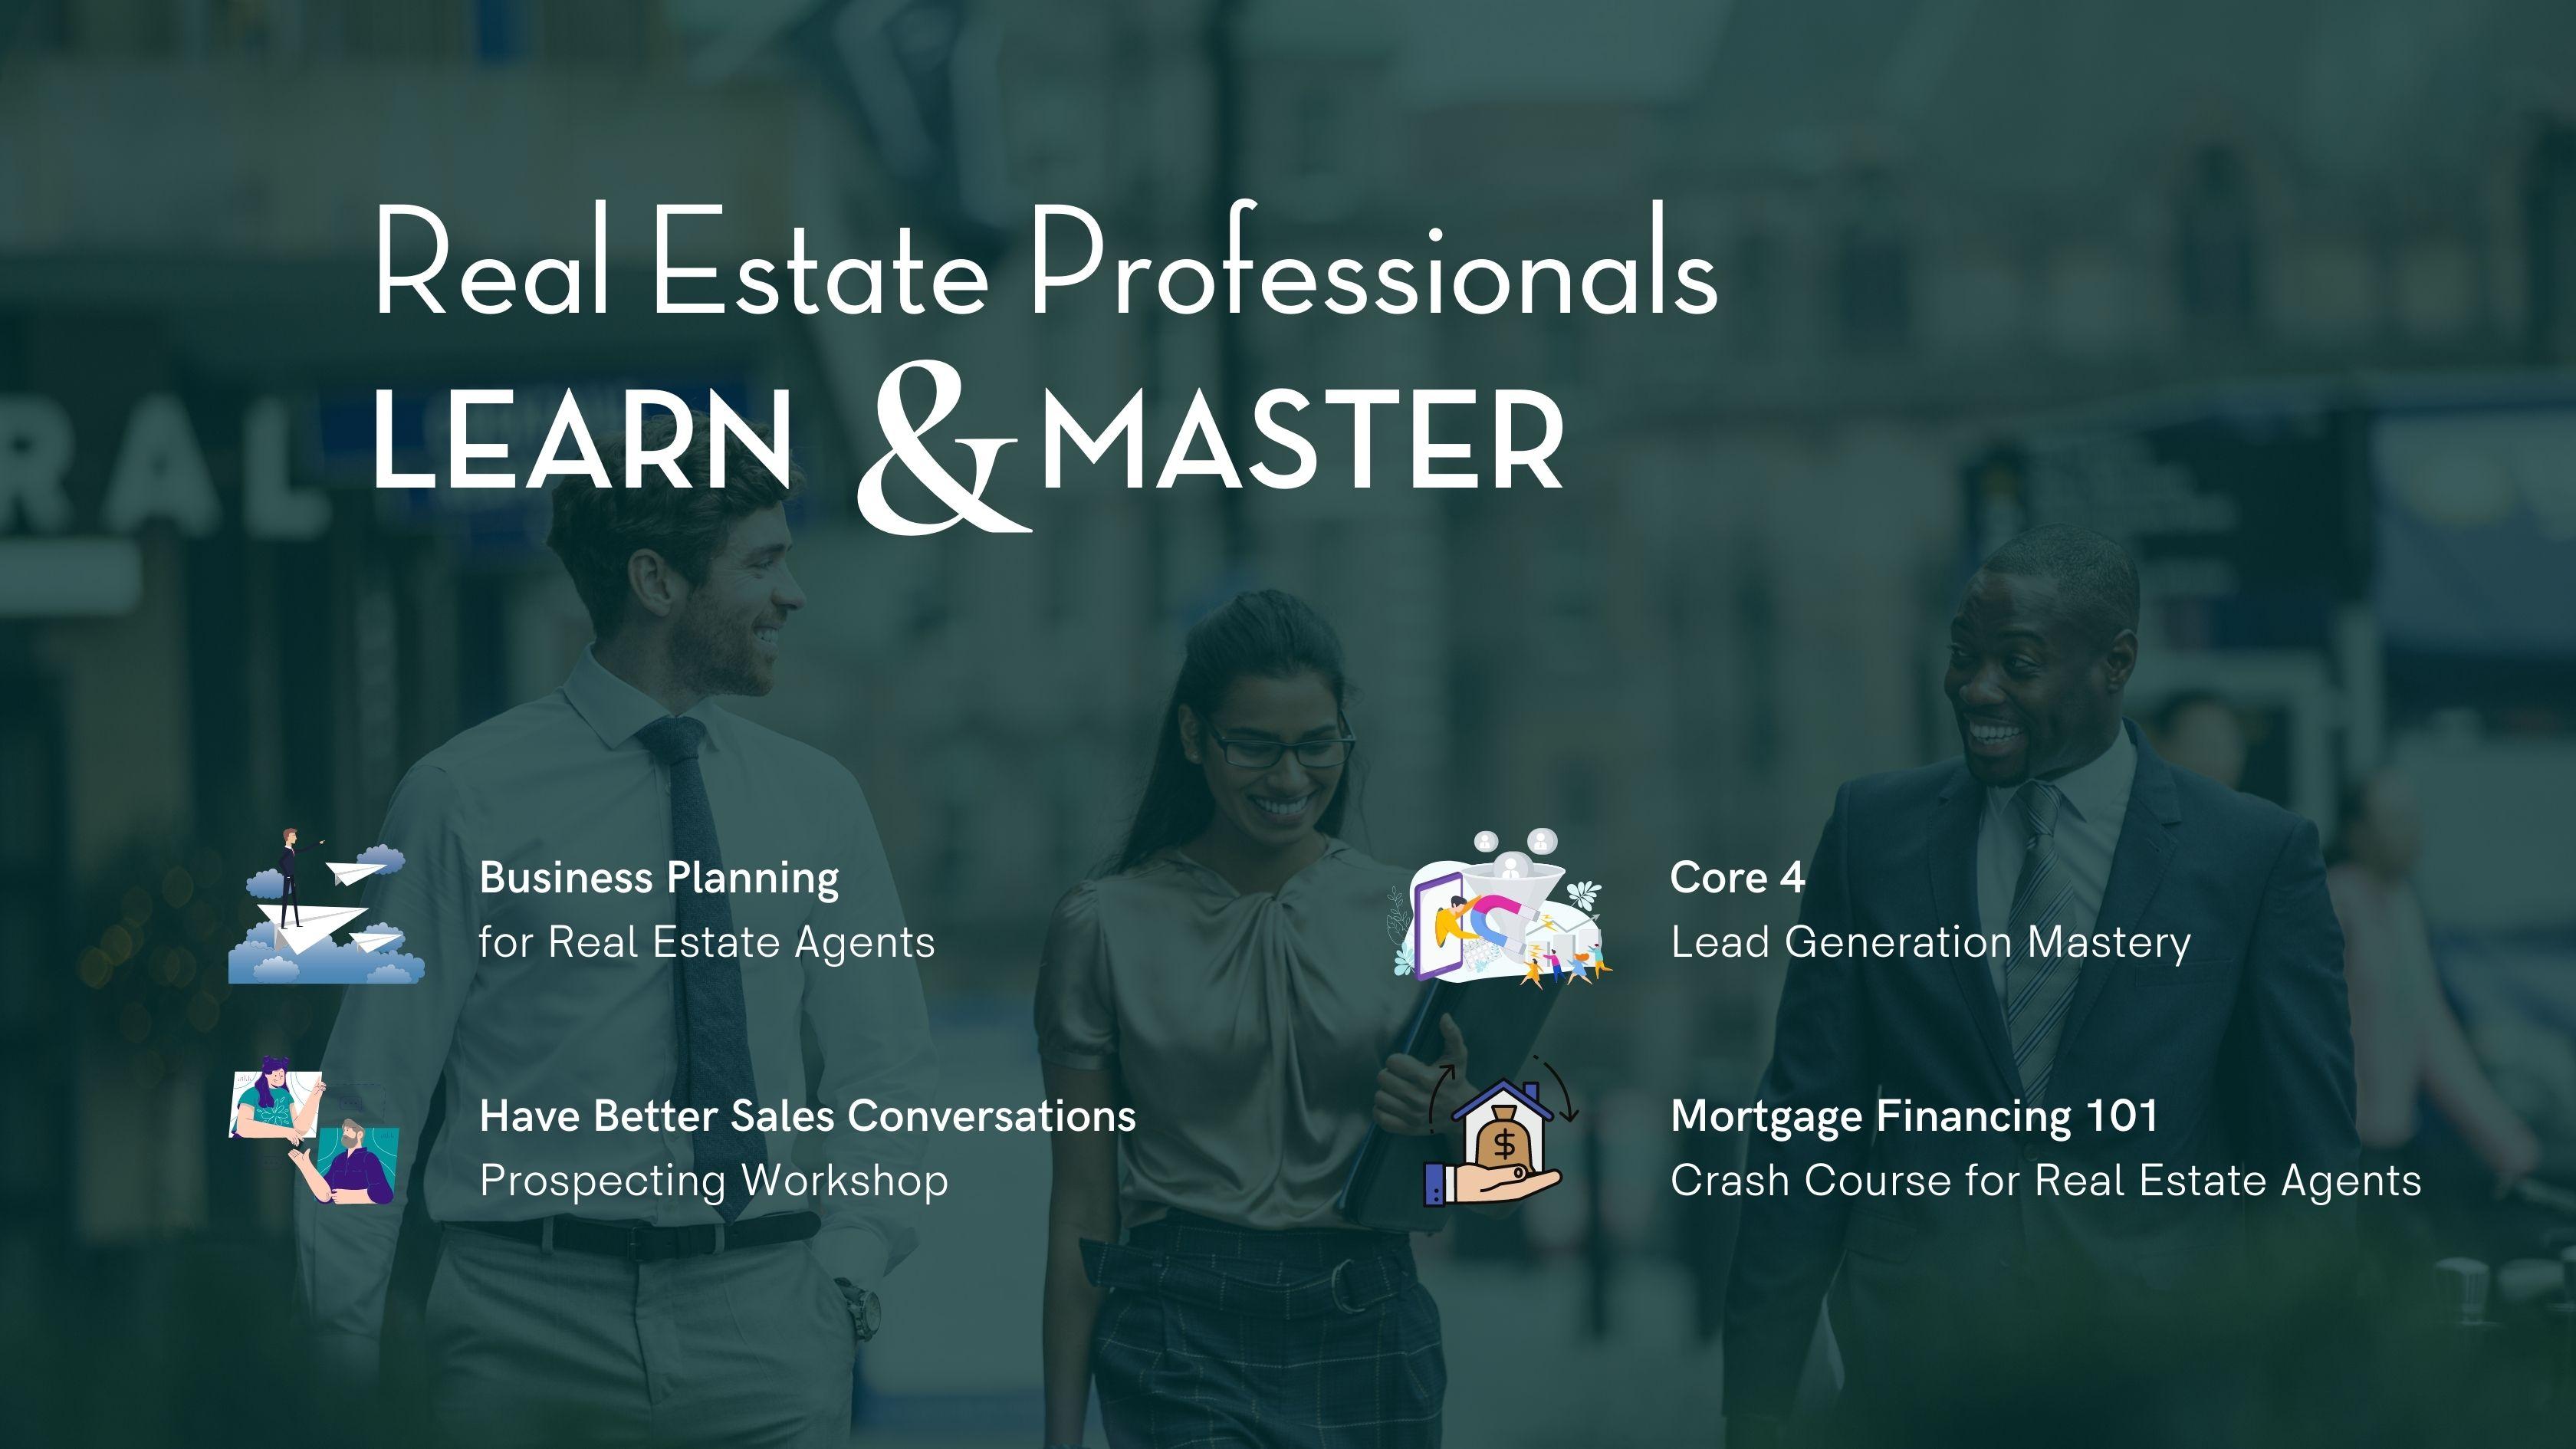 Workshops for Real Estate Professionals